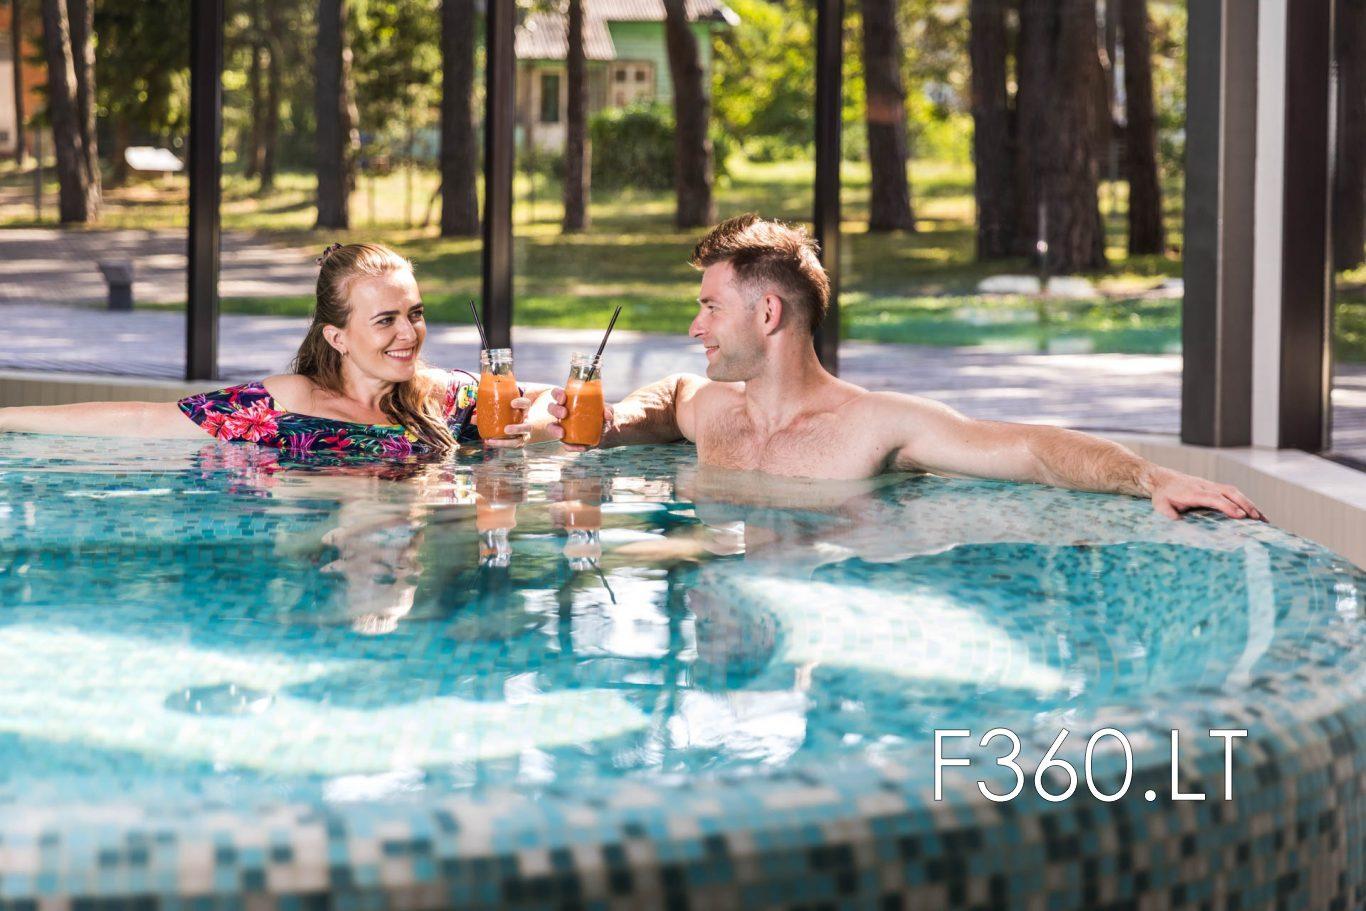 Reklamines Fotosesijos Viesbuciu Reklamai F360.lt3t4a1485